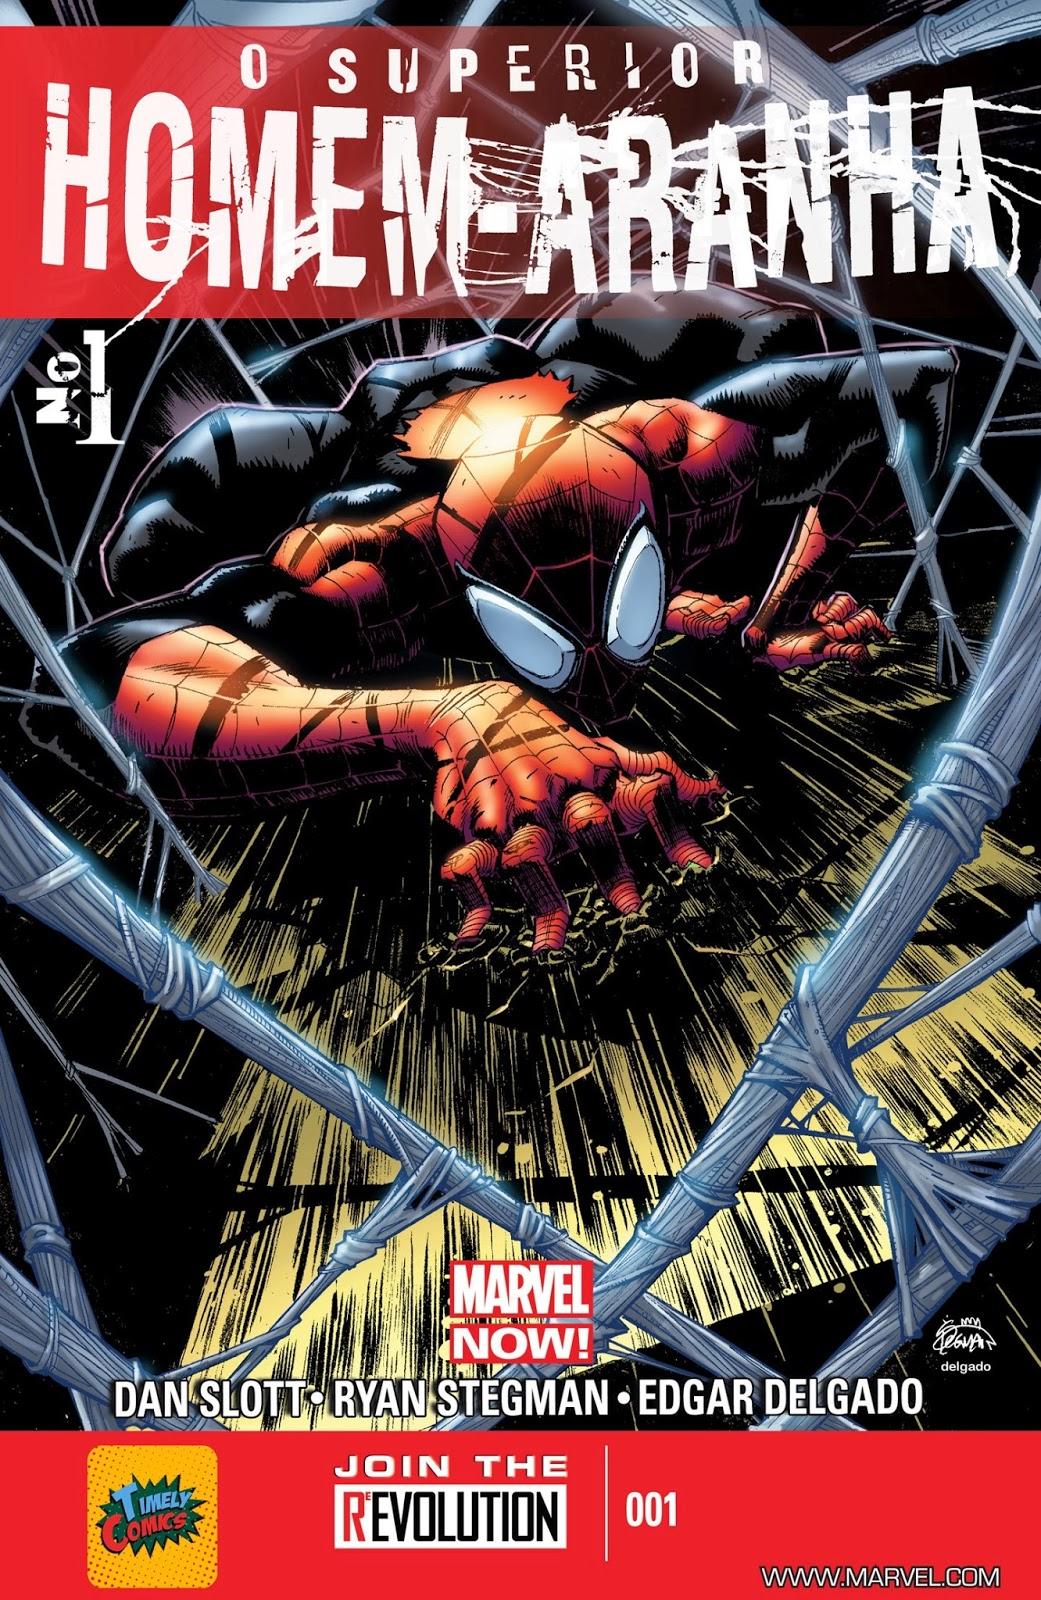 Nova Marvel! O Superior Homem-Aranha #1